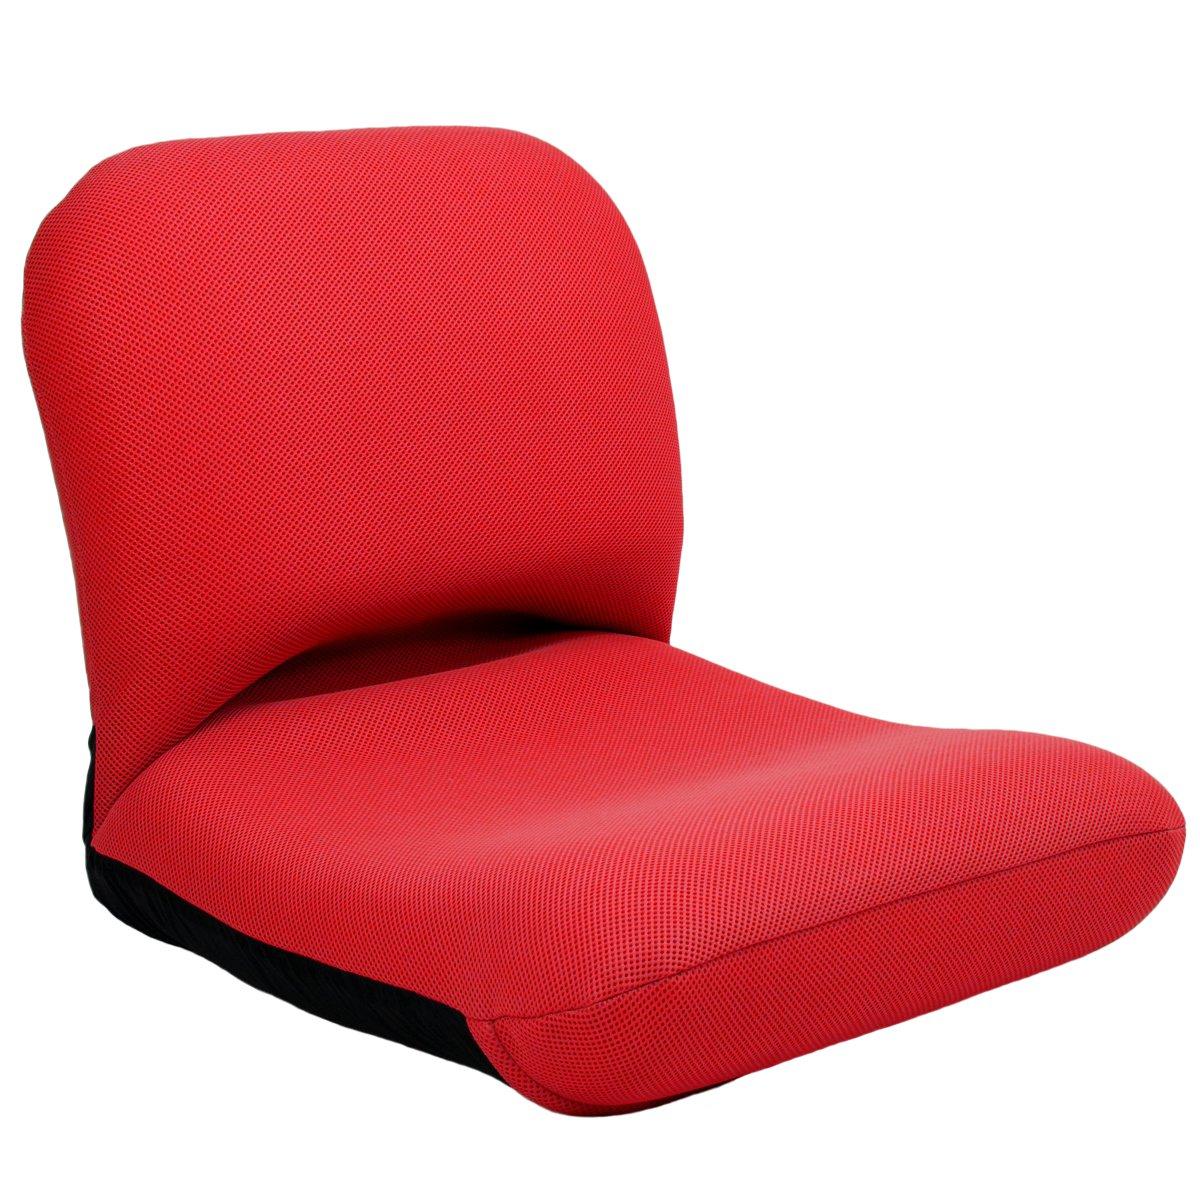 産学連携 背中を支える美姿勢座椅子 W01 レッド 腰痛 日本製 リクライニング 姿勢 人気 コンパクト B079L2LK56 ダブルラッセルレッド ダブルラッセルレッド